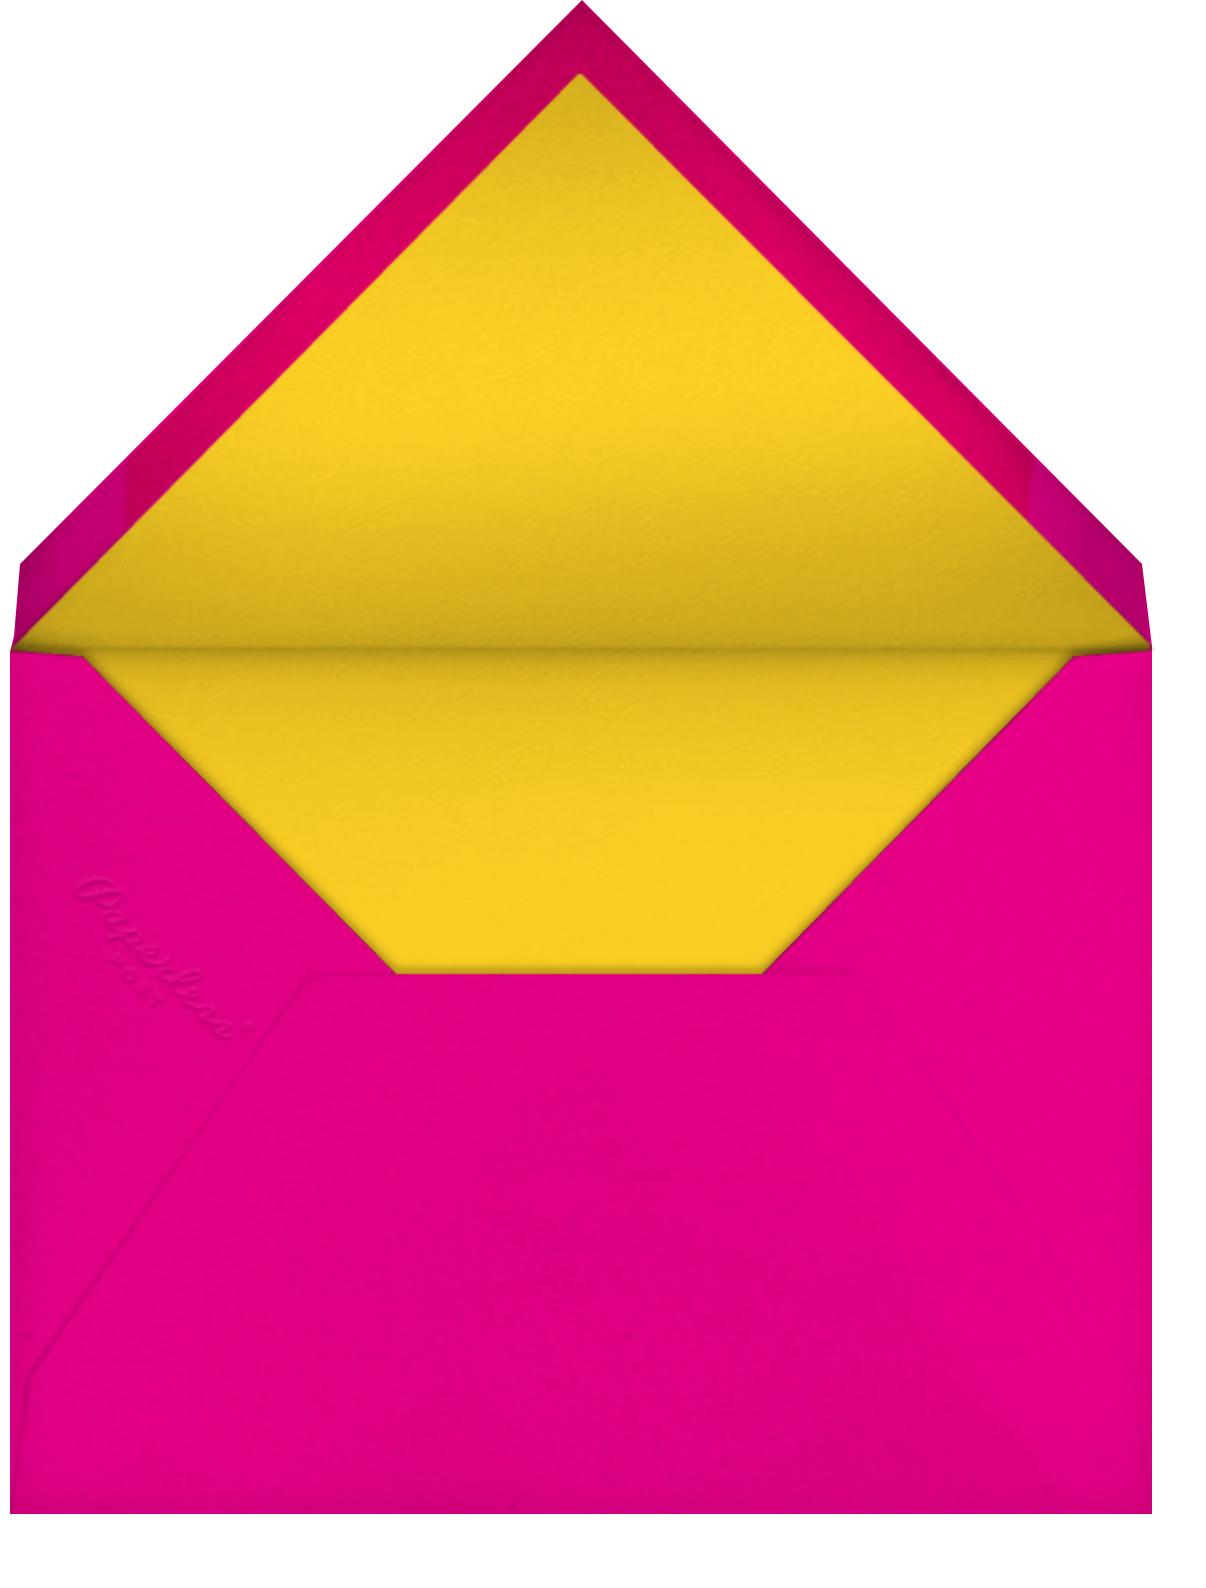 Burst Forth - White/Multi - Paperless Post - Envelope